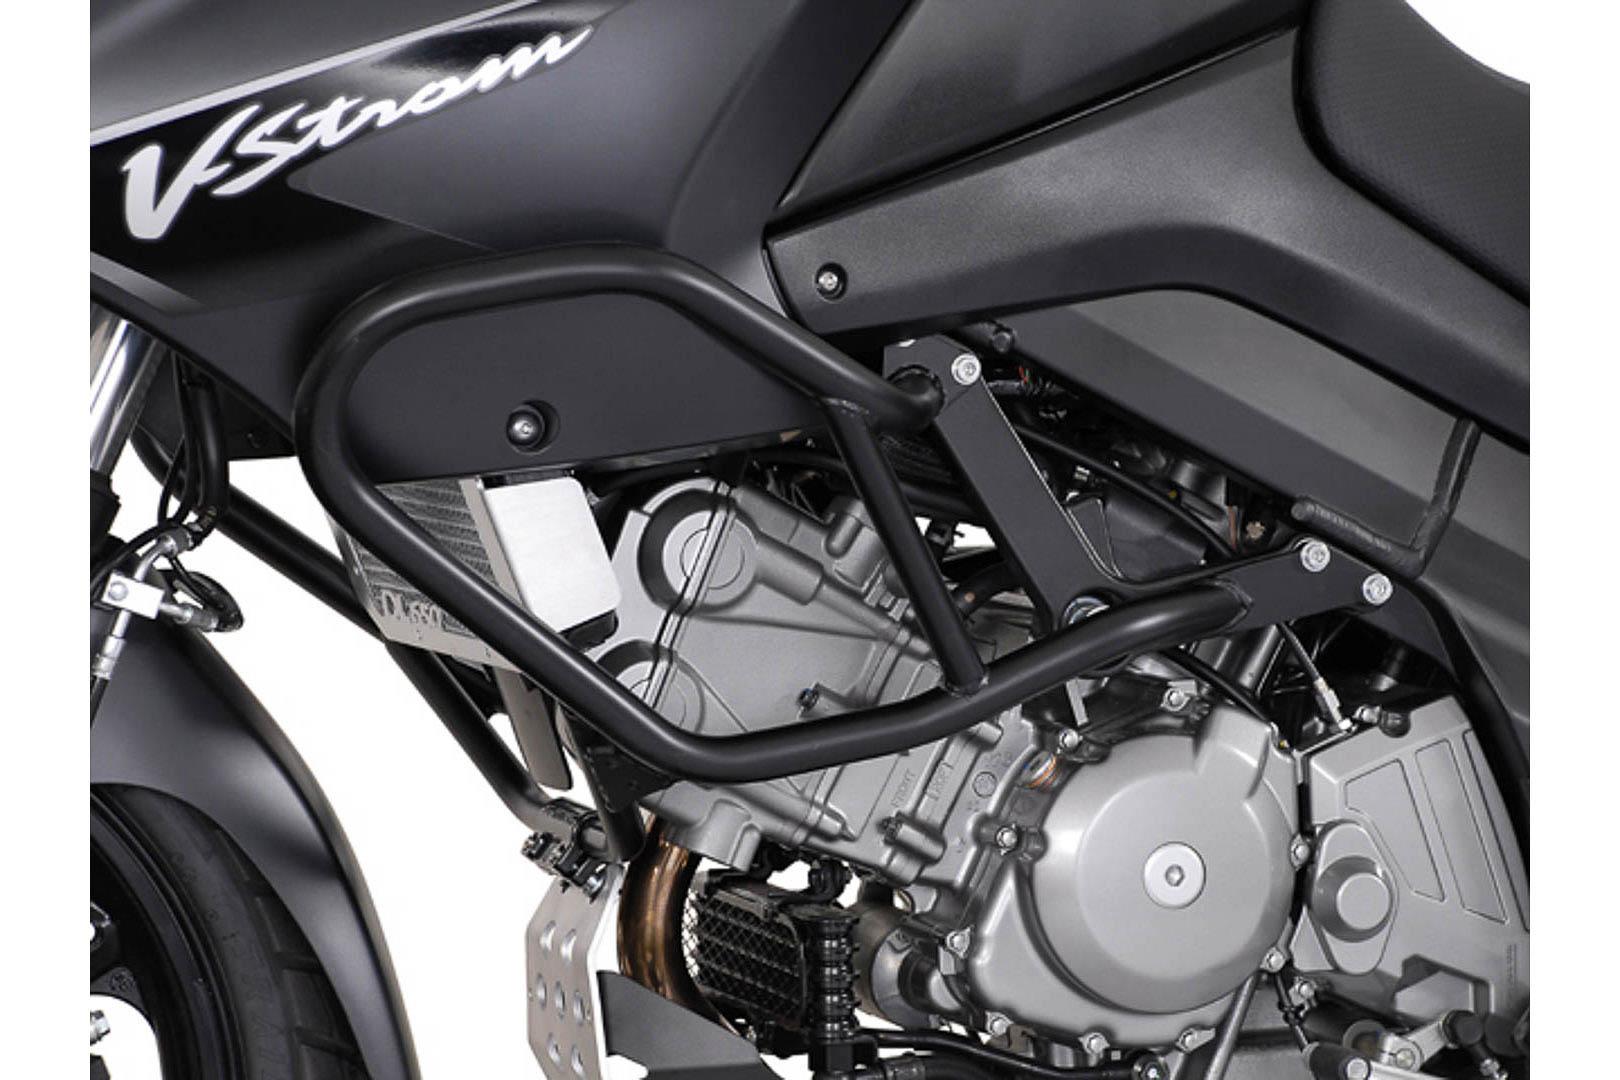 SW-Motech Moottorinsuojarauta Suzuki DL650 V-Strom musta